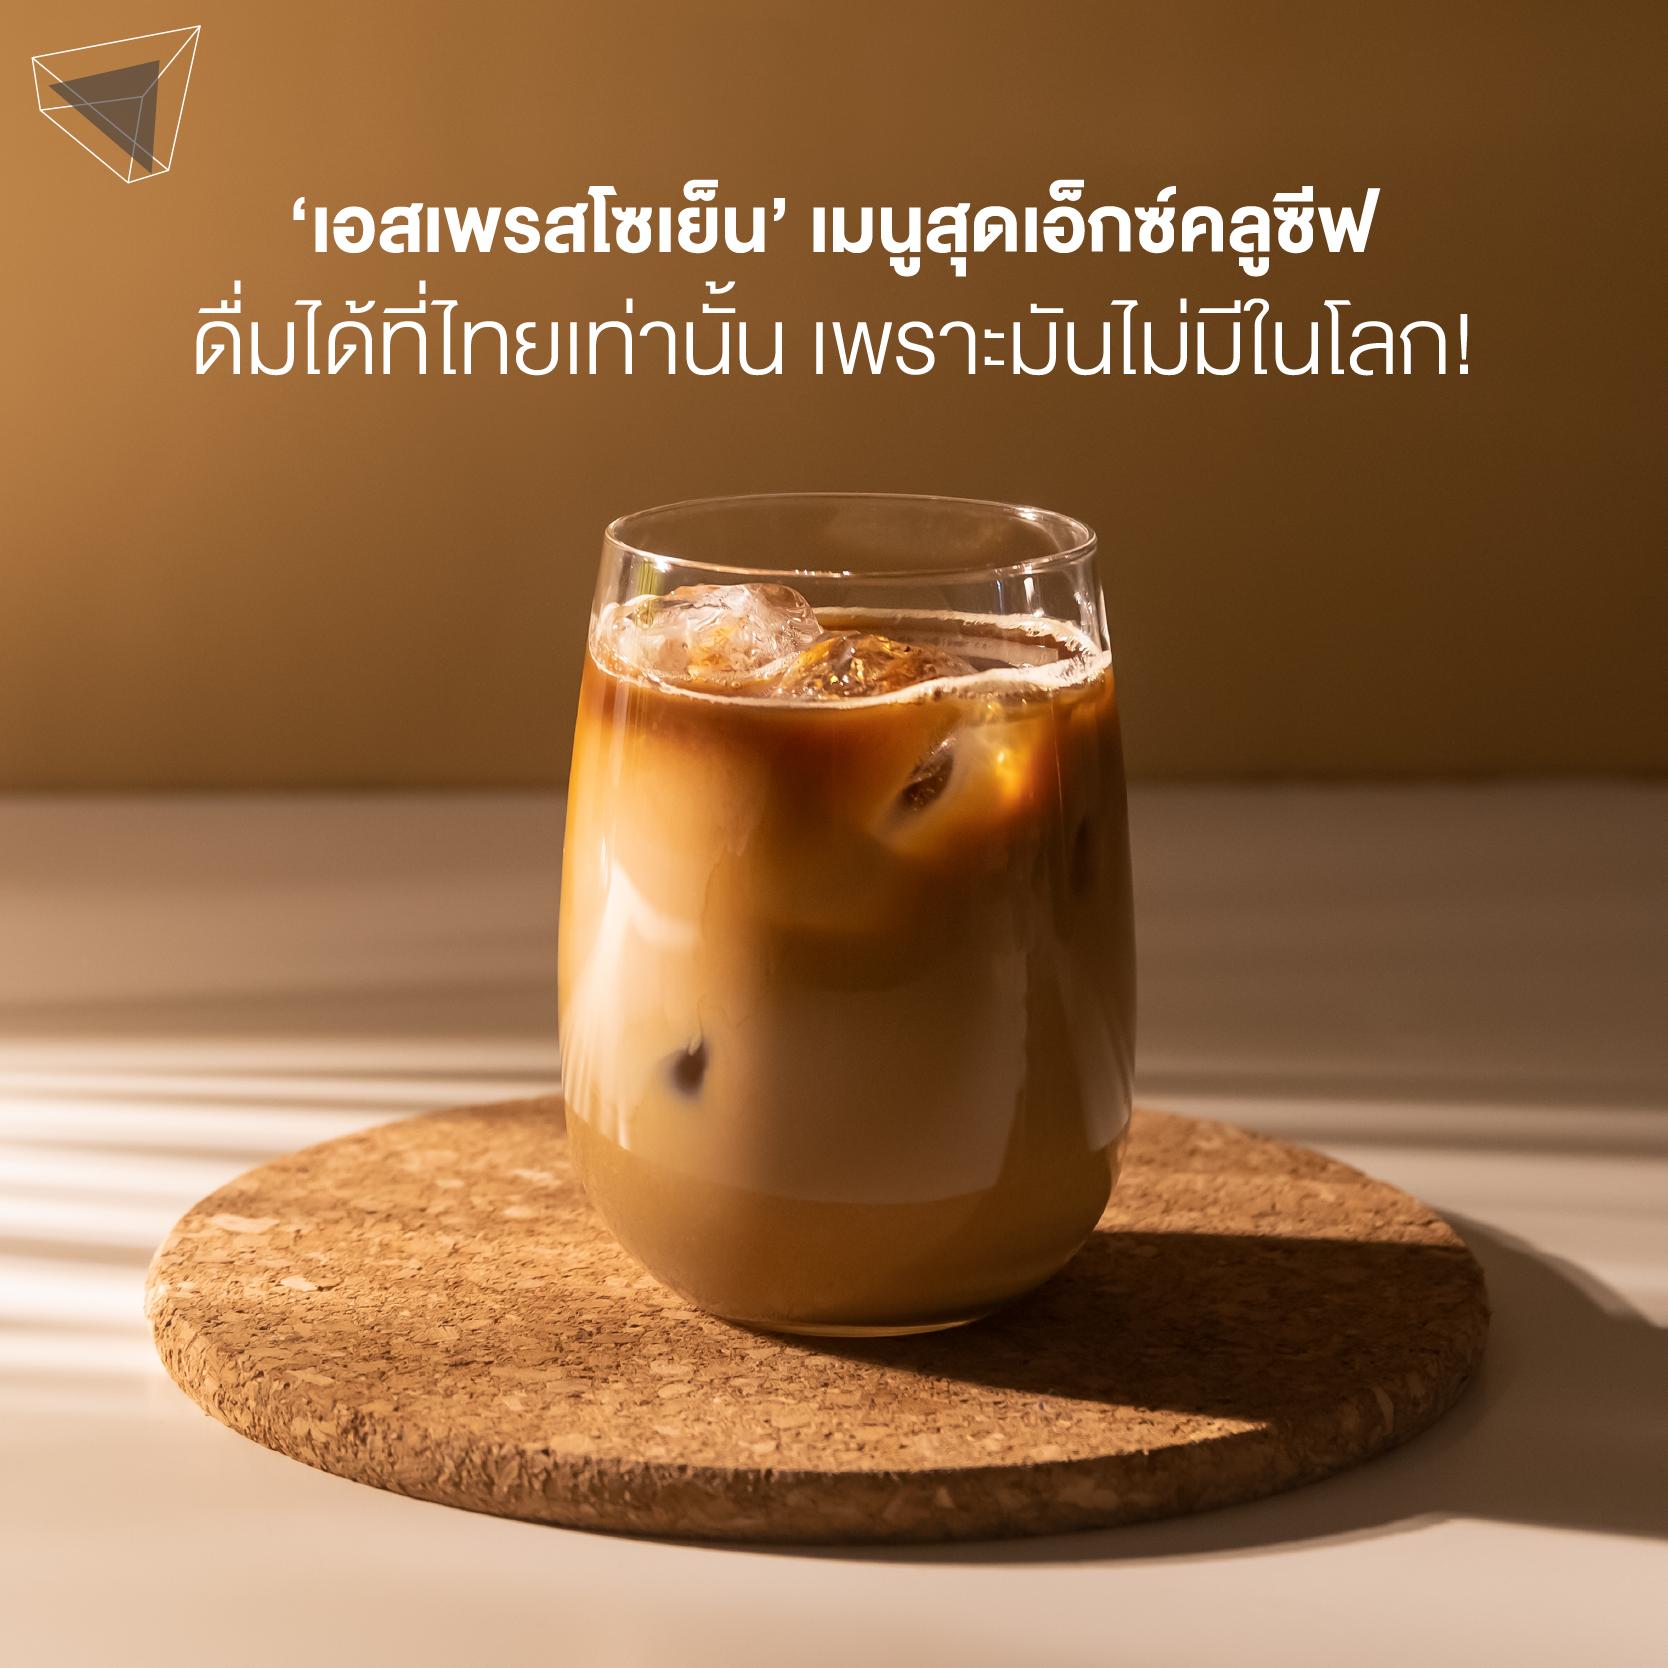 เอสเย็น หาดื่มได้แค่ในไทย